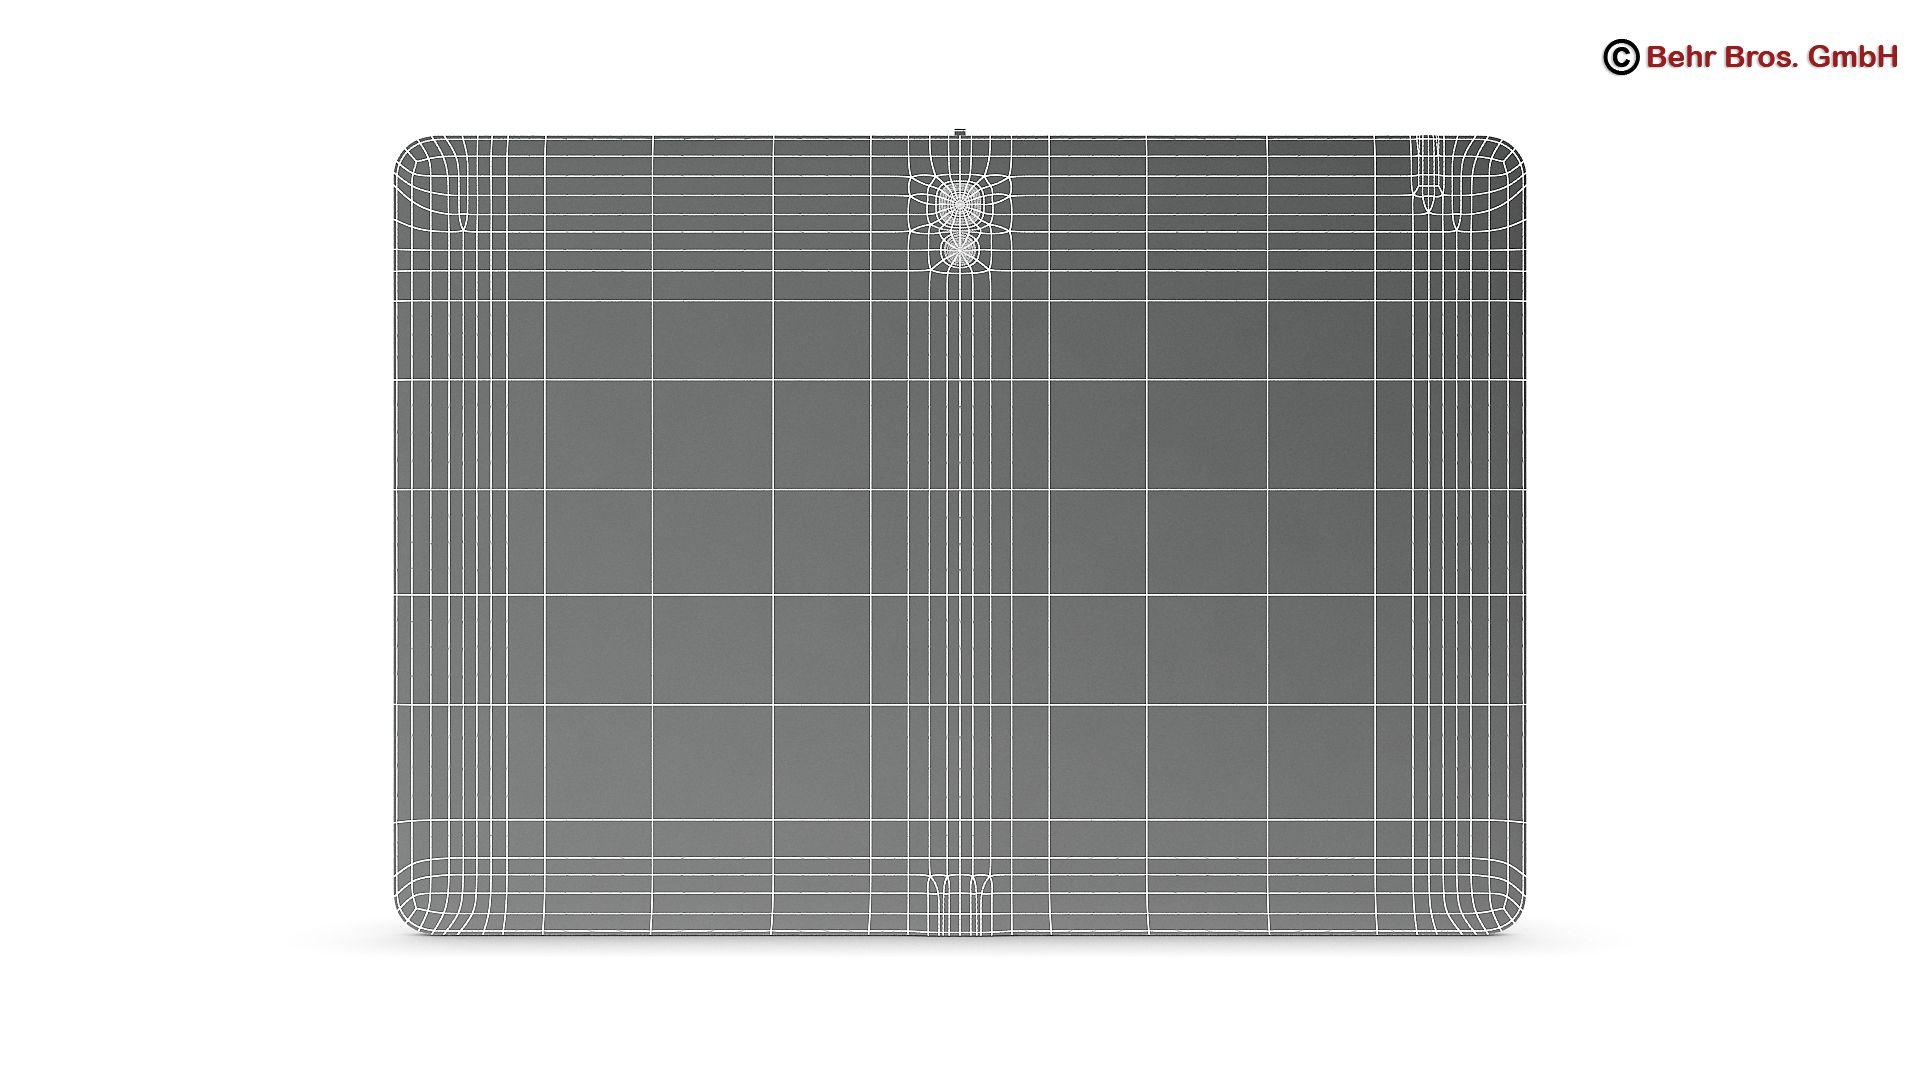 generic tablet 10.1 inch 3d model 3ds max fbx c4d lwo ma mb obj 162892